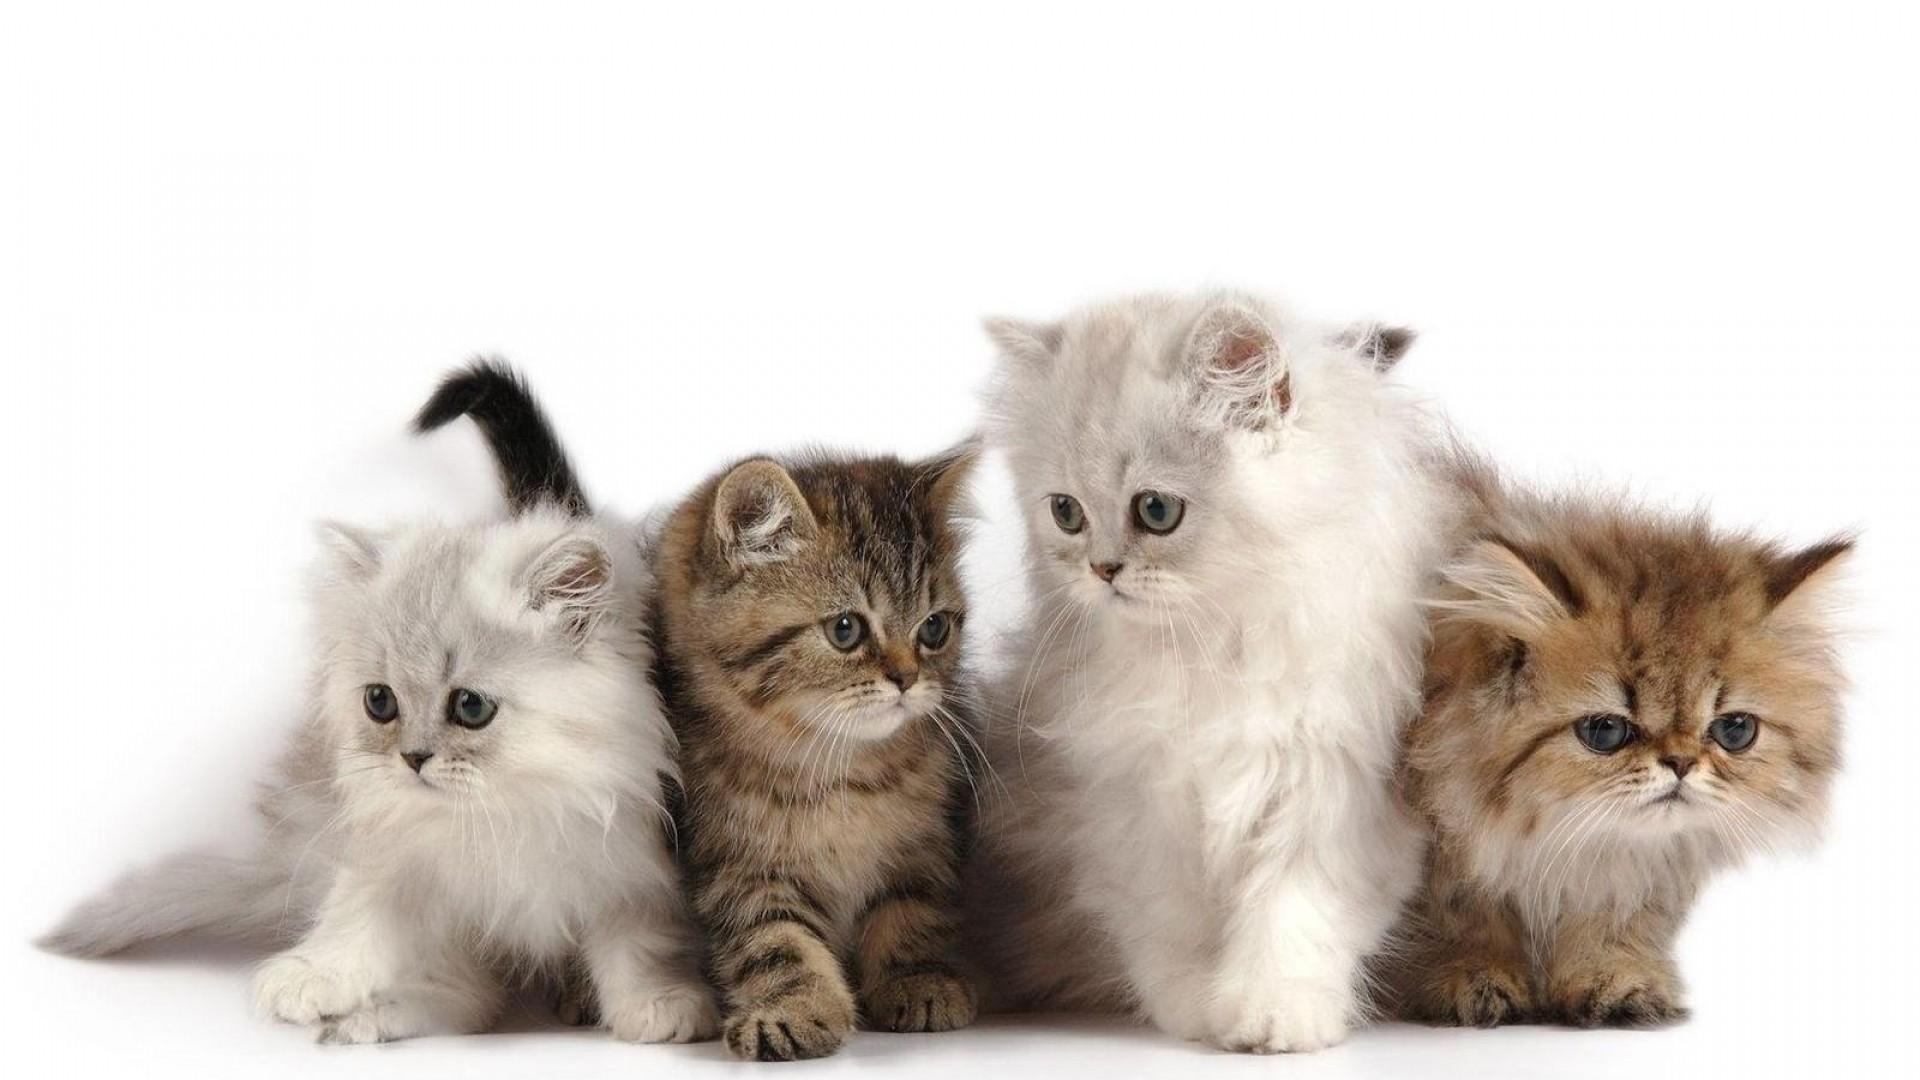 обои кошки для рабочего стола персы № 623694 загрузить